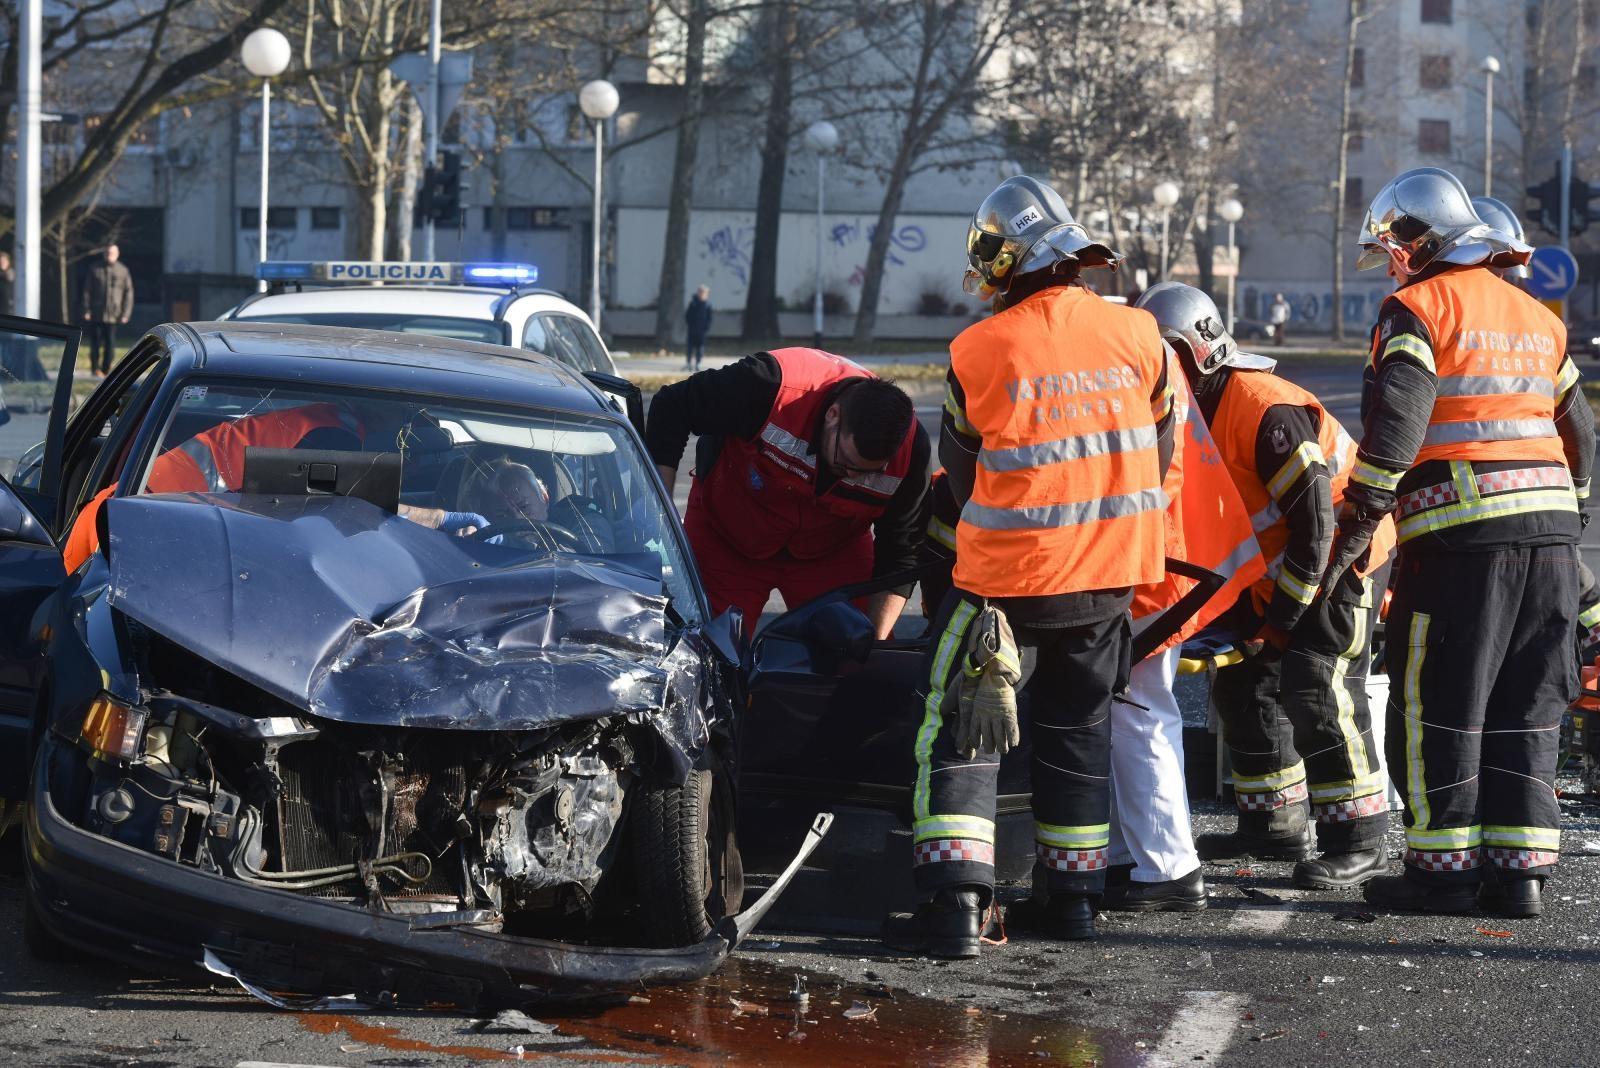 SUDAR NA SLOBOŠTINI – Vatrogasci izvlačili unesrećene, ozlijeđene dvije osobe